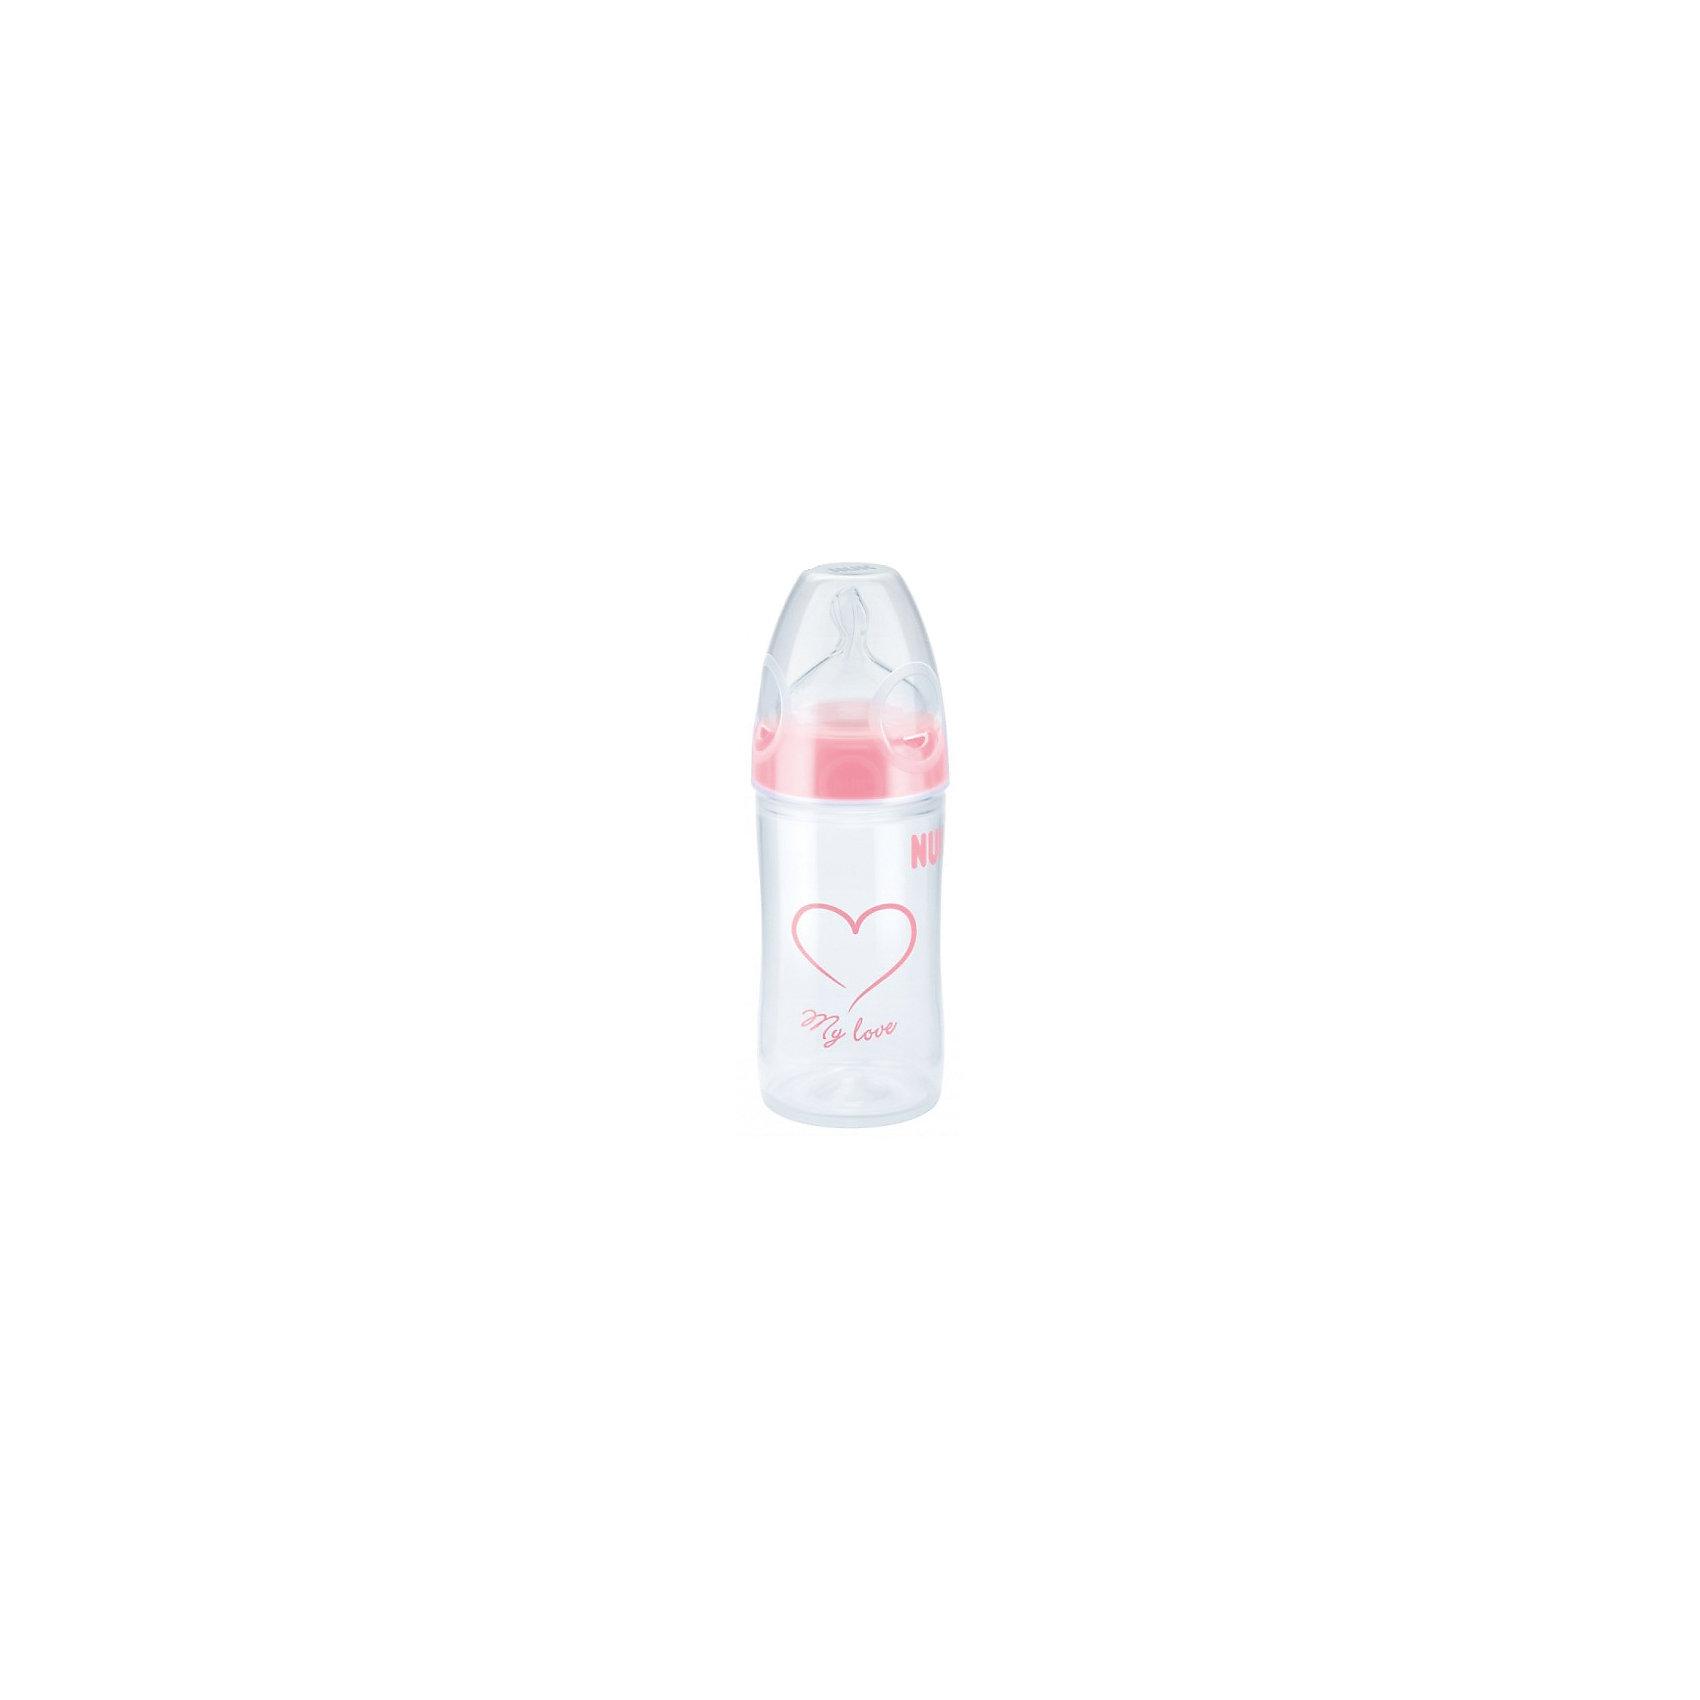 Бутылочка First Choice New Classic из ПП 150 мл + сил.соска  FC+ М р-р1, NUK, розовыйБутылочки и аксессуары<br>Характеристики изделия:<br><br>- объем: 150 мл;<br>- цвет: розовый;<br>- материал: силикон, полипропилен;<br>- широкое горло;<br>- удобно держать;<br>- система ANTI-COLIC AIR SYSTEM;<br>- с соской ортодонтической формы.<br><br>Детские товары существенно облегчают жизнь молодым мамам. Существует множество полезных в период материнства вещей. К таким относится обыкновенная пластиковая бутылочка-поильник. <br>Данная модель оптимально подходит для детей. Мягкий материал соски подойдет для ротовой полости ребенка. Предмет удобно держать. Бутылочка легко очищается от любых поверхностных загрязнений, так как имеет удобное широкое горлышко. Оптимальный объем позволит активно использовать бутылочку для малышей и брать в дорогу.<br><br>Бутылочку First Choice New Classic от производителя NUK можно купить в нашем магазине.<br><br>Ширина мм: 120<br>Глубина мм: 65<br>Высота мм: 185<br>Вес г: 86<br>Возраст от месяцев: 0<br>Возраст до месяцев: 6<br>Пол: Унисекс<br>Возраст: Детский<br>SKU: 5065298